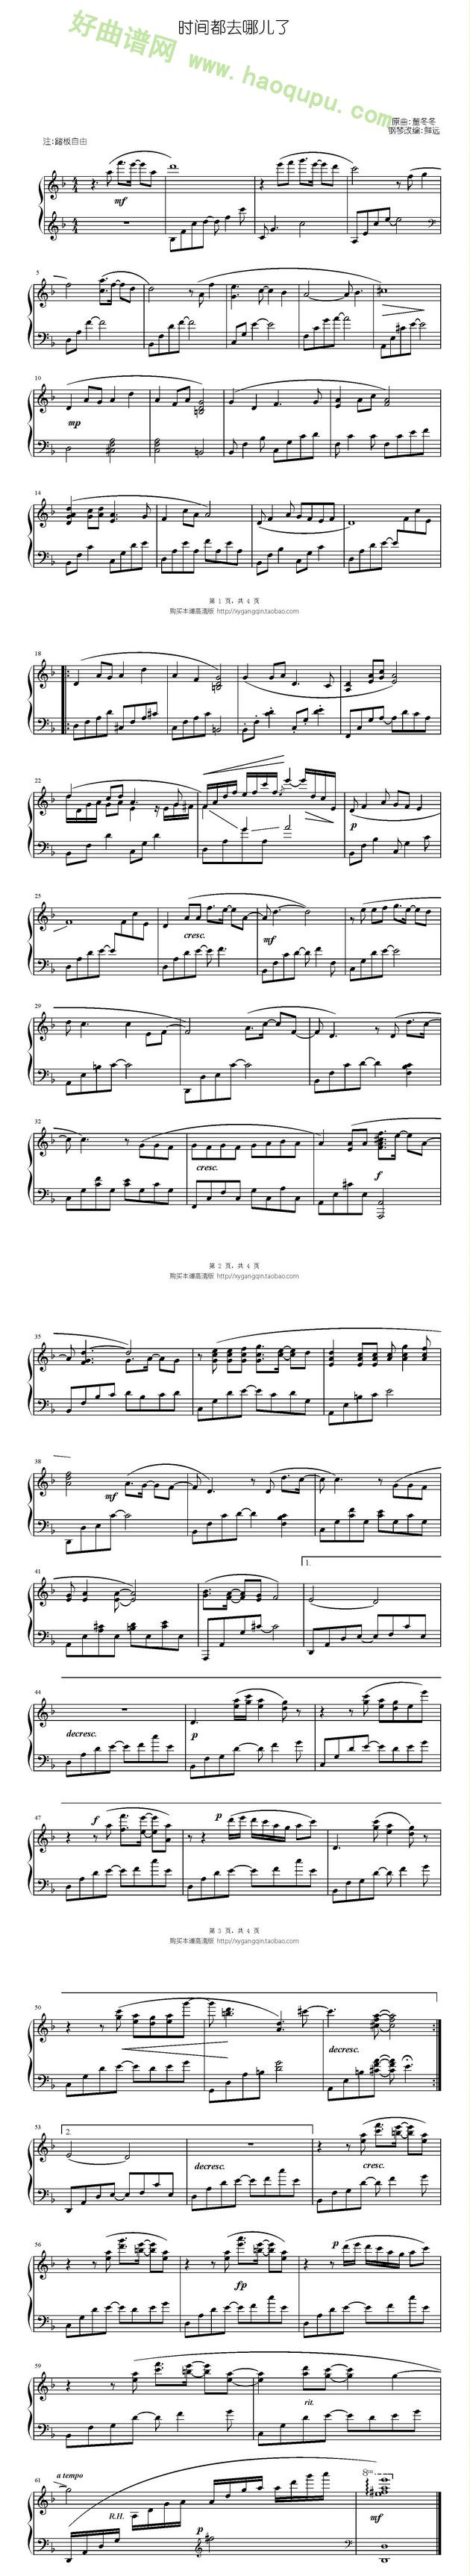 《时间都去哪了》钢琴谱